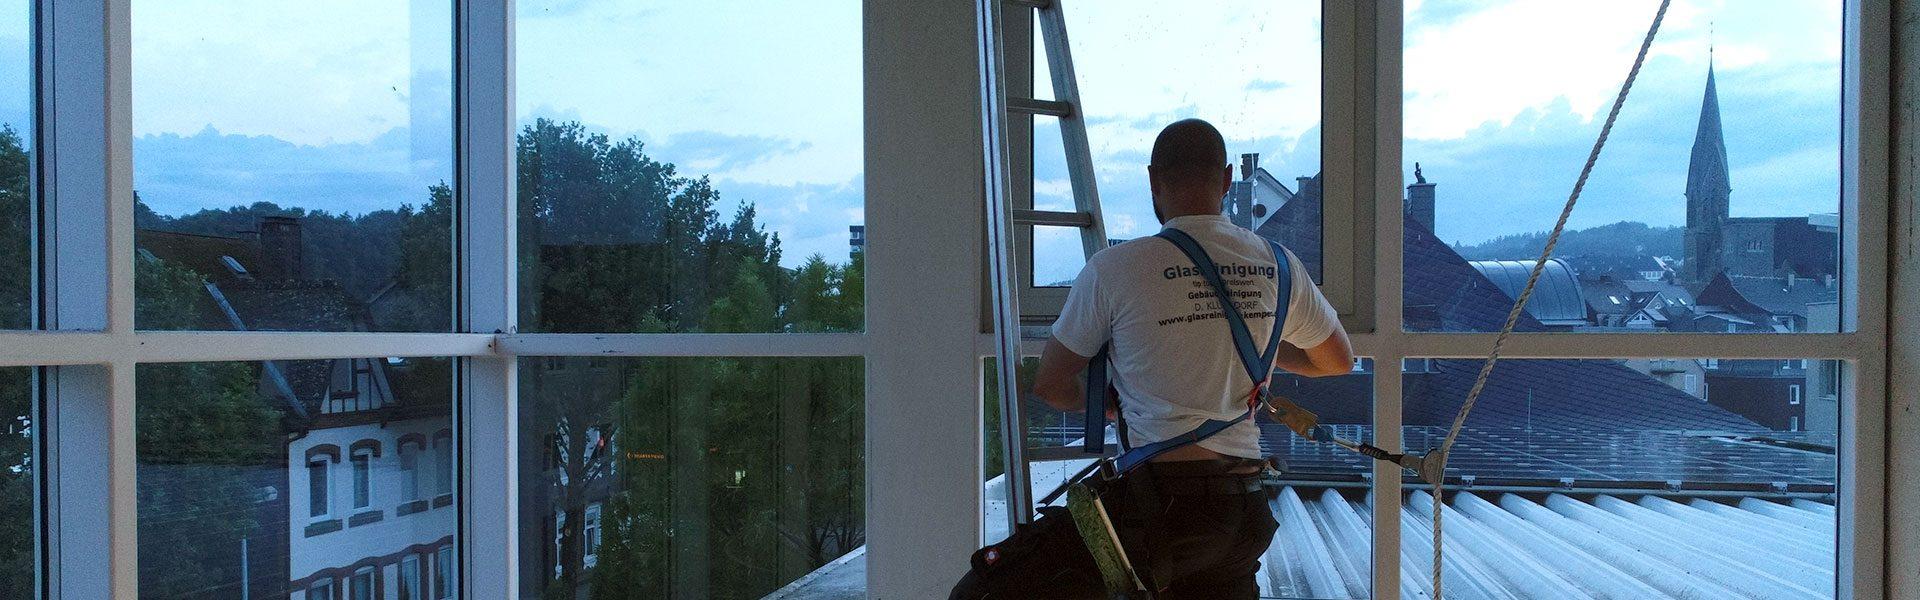 Daniel Klüßendorf reinigt schwierig zu ereichende Fenster